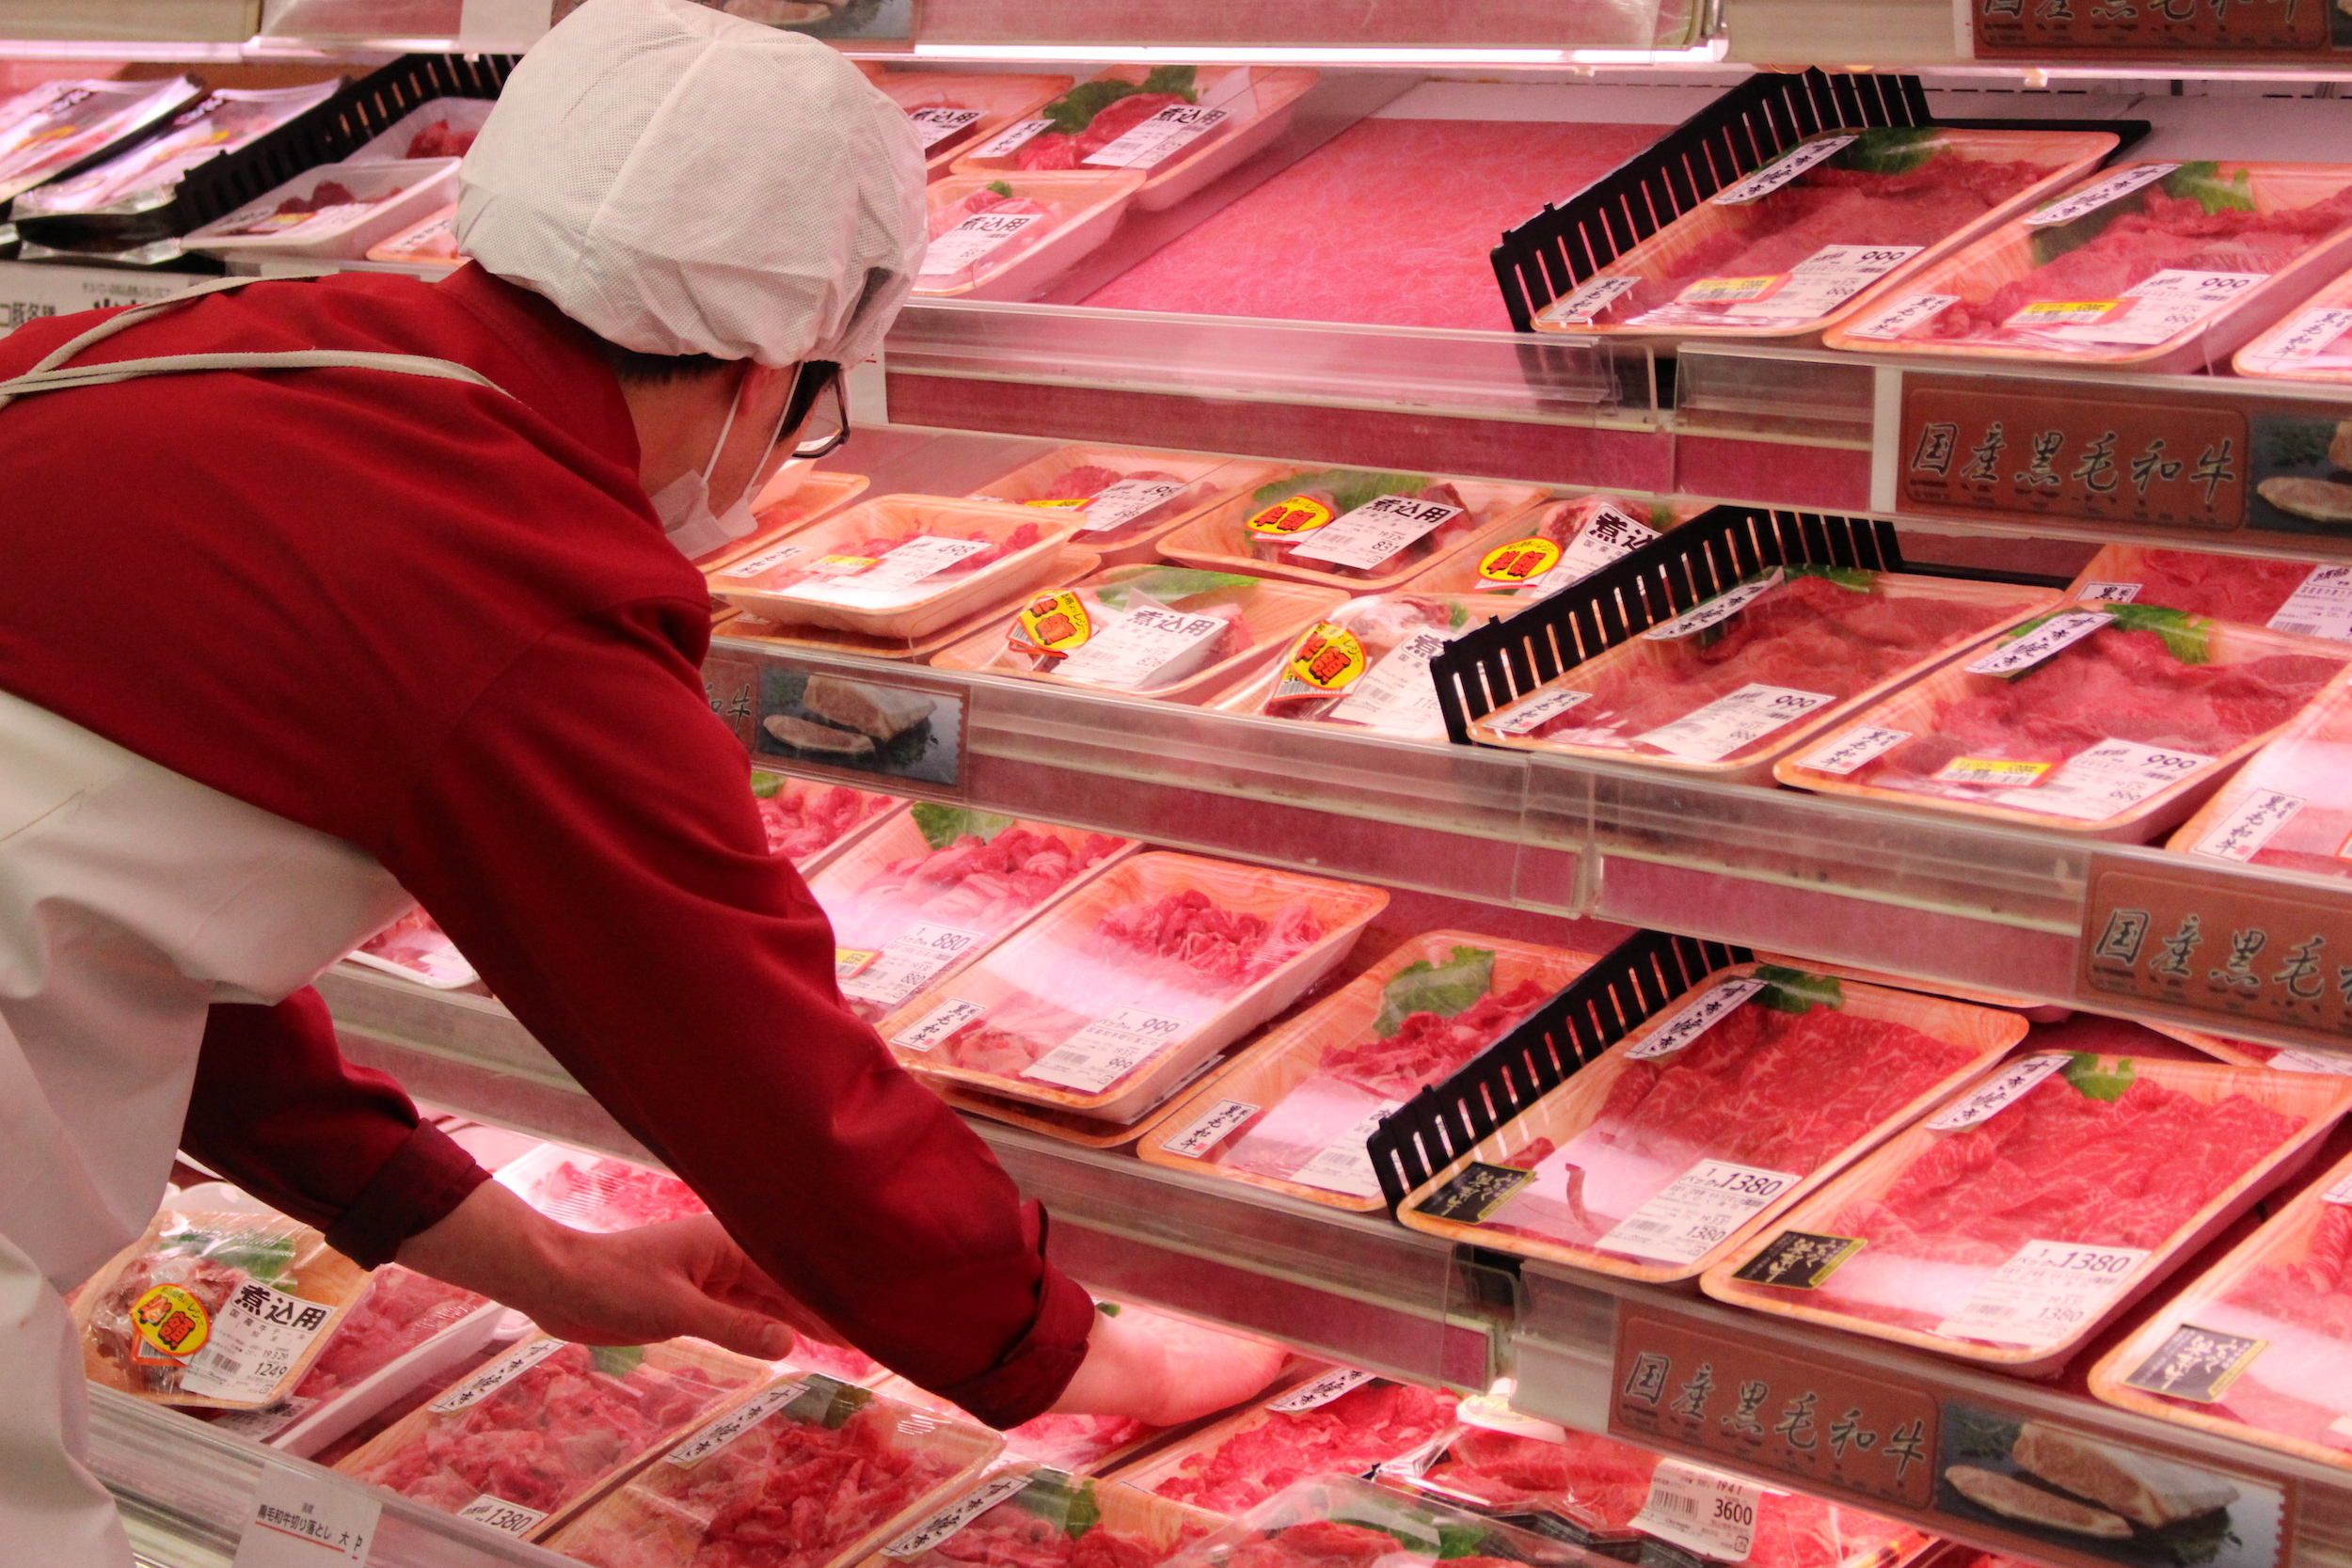 スーパーマーケットOlympicの精肉部門。肉売場でパックを陳列しているところ